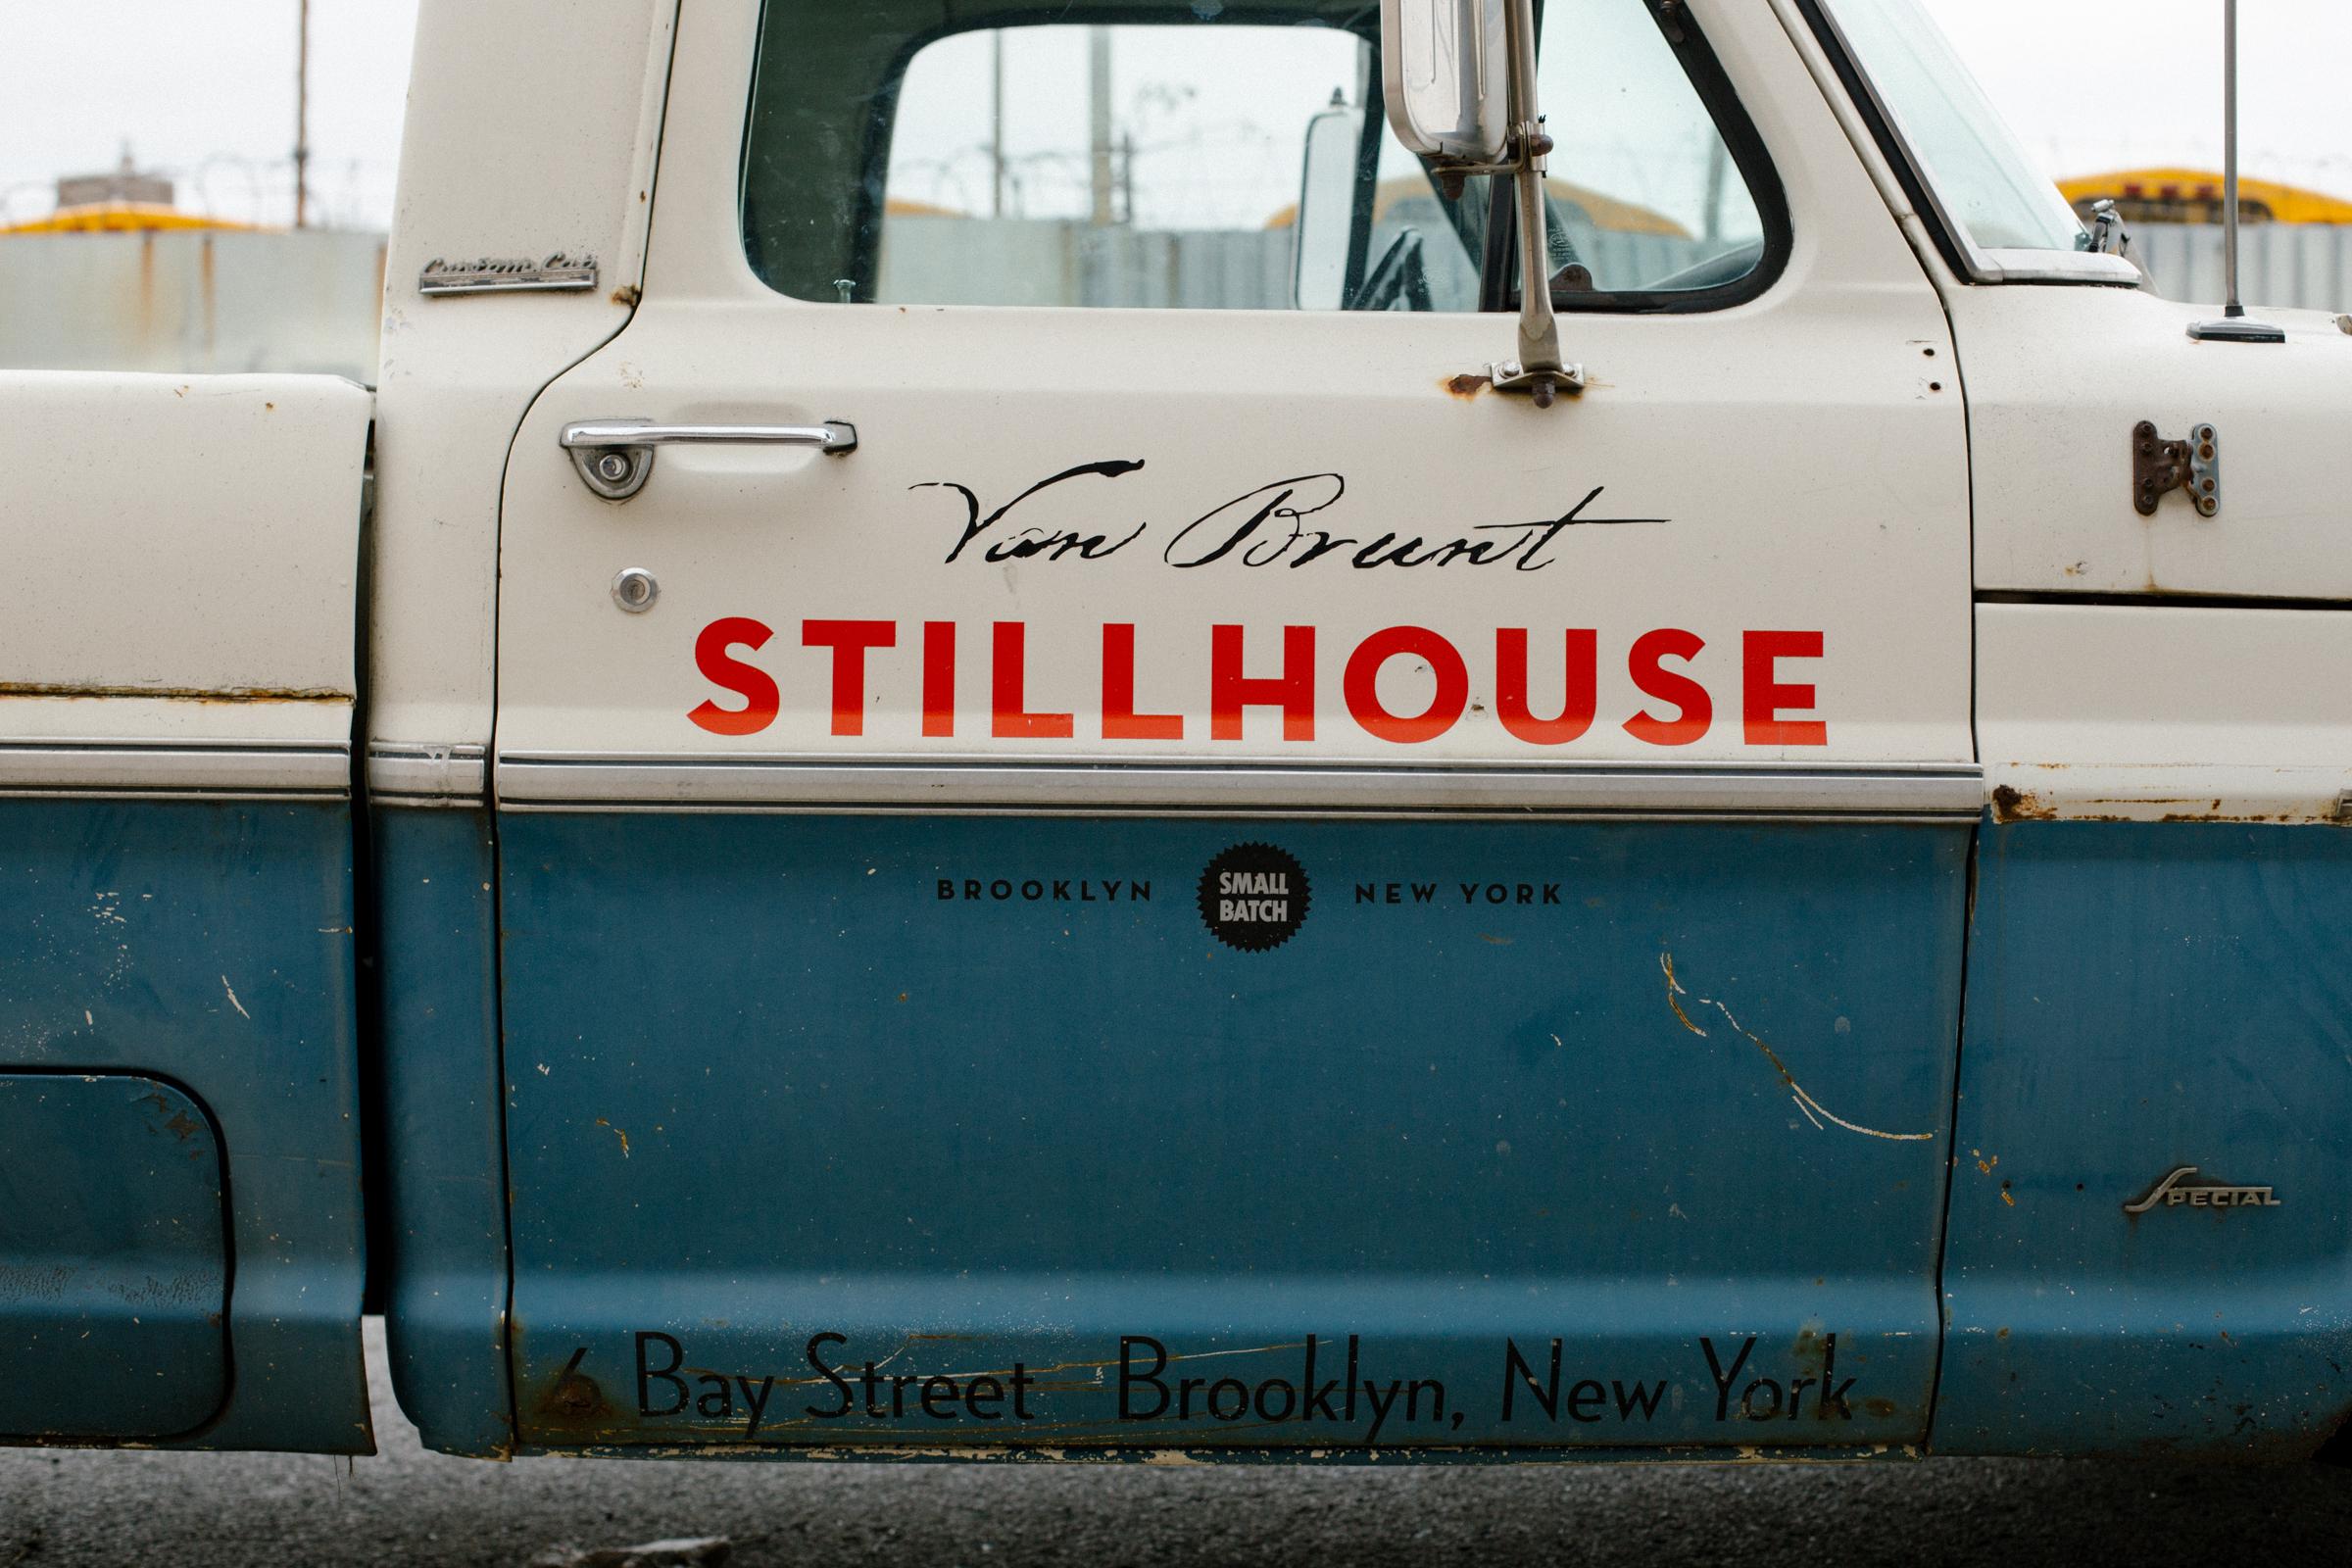 van-brunt-stillhouse-0459.jpg